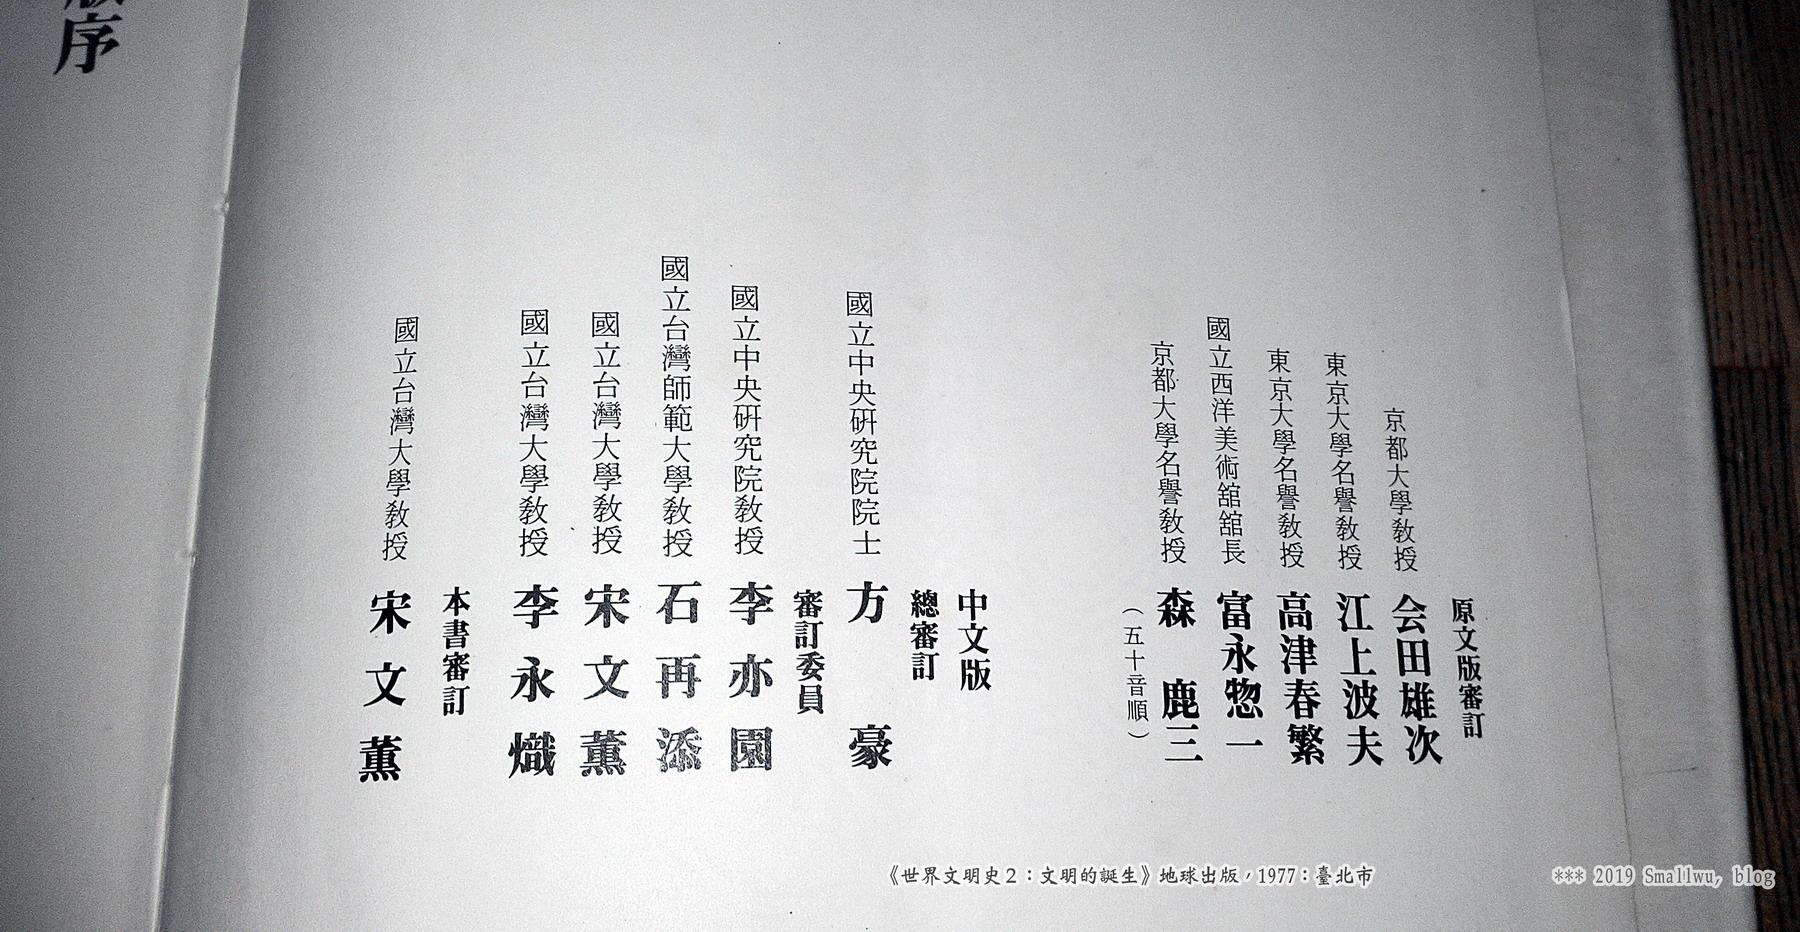 世界文明史2-文明的誕生-02 作者群 翻譯審議群.jpg